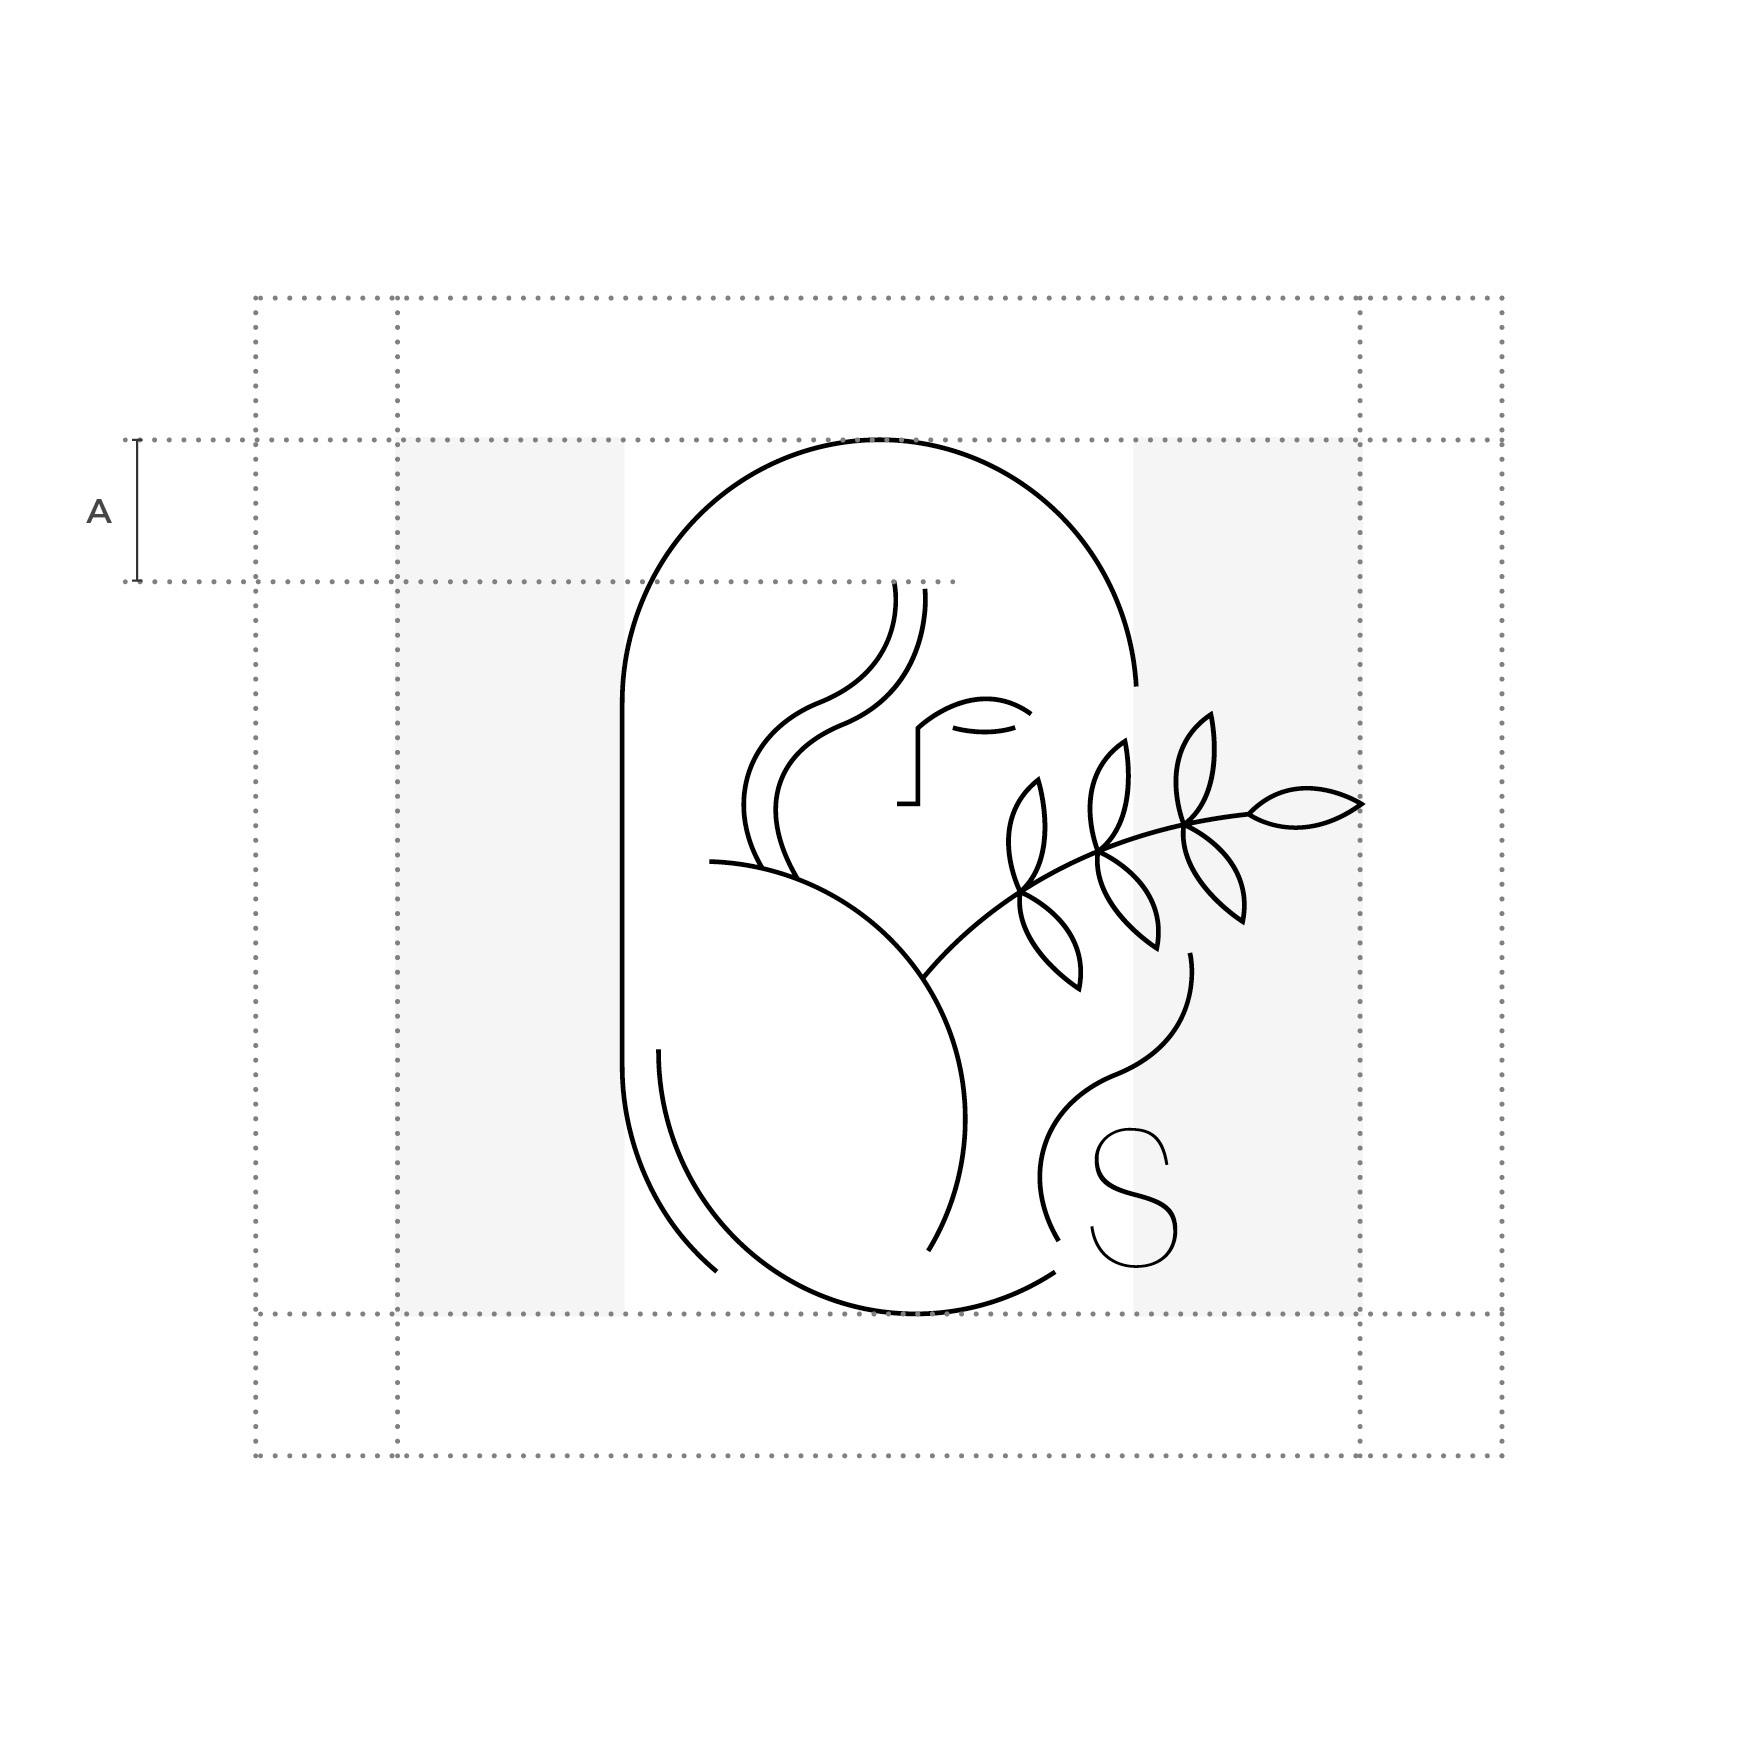 Schleifenfaenger_Bildmarke_Konzept